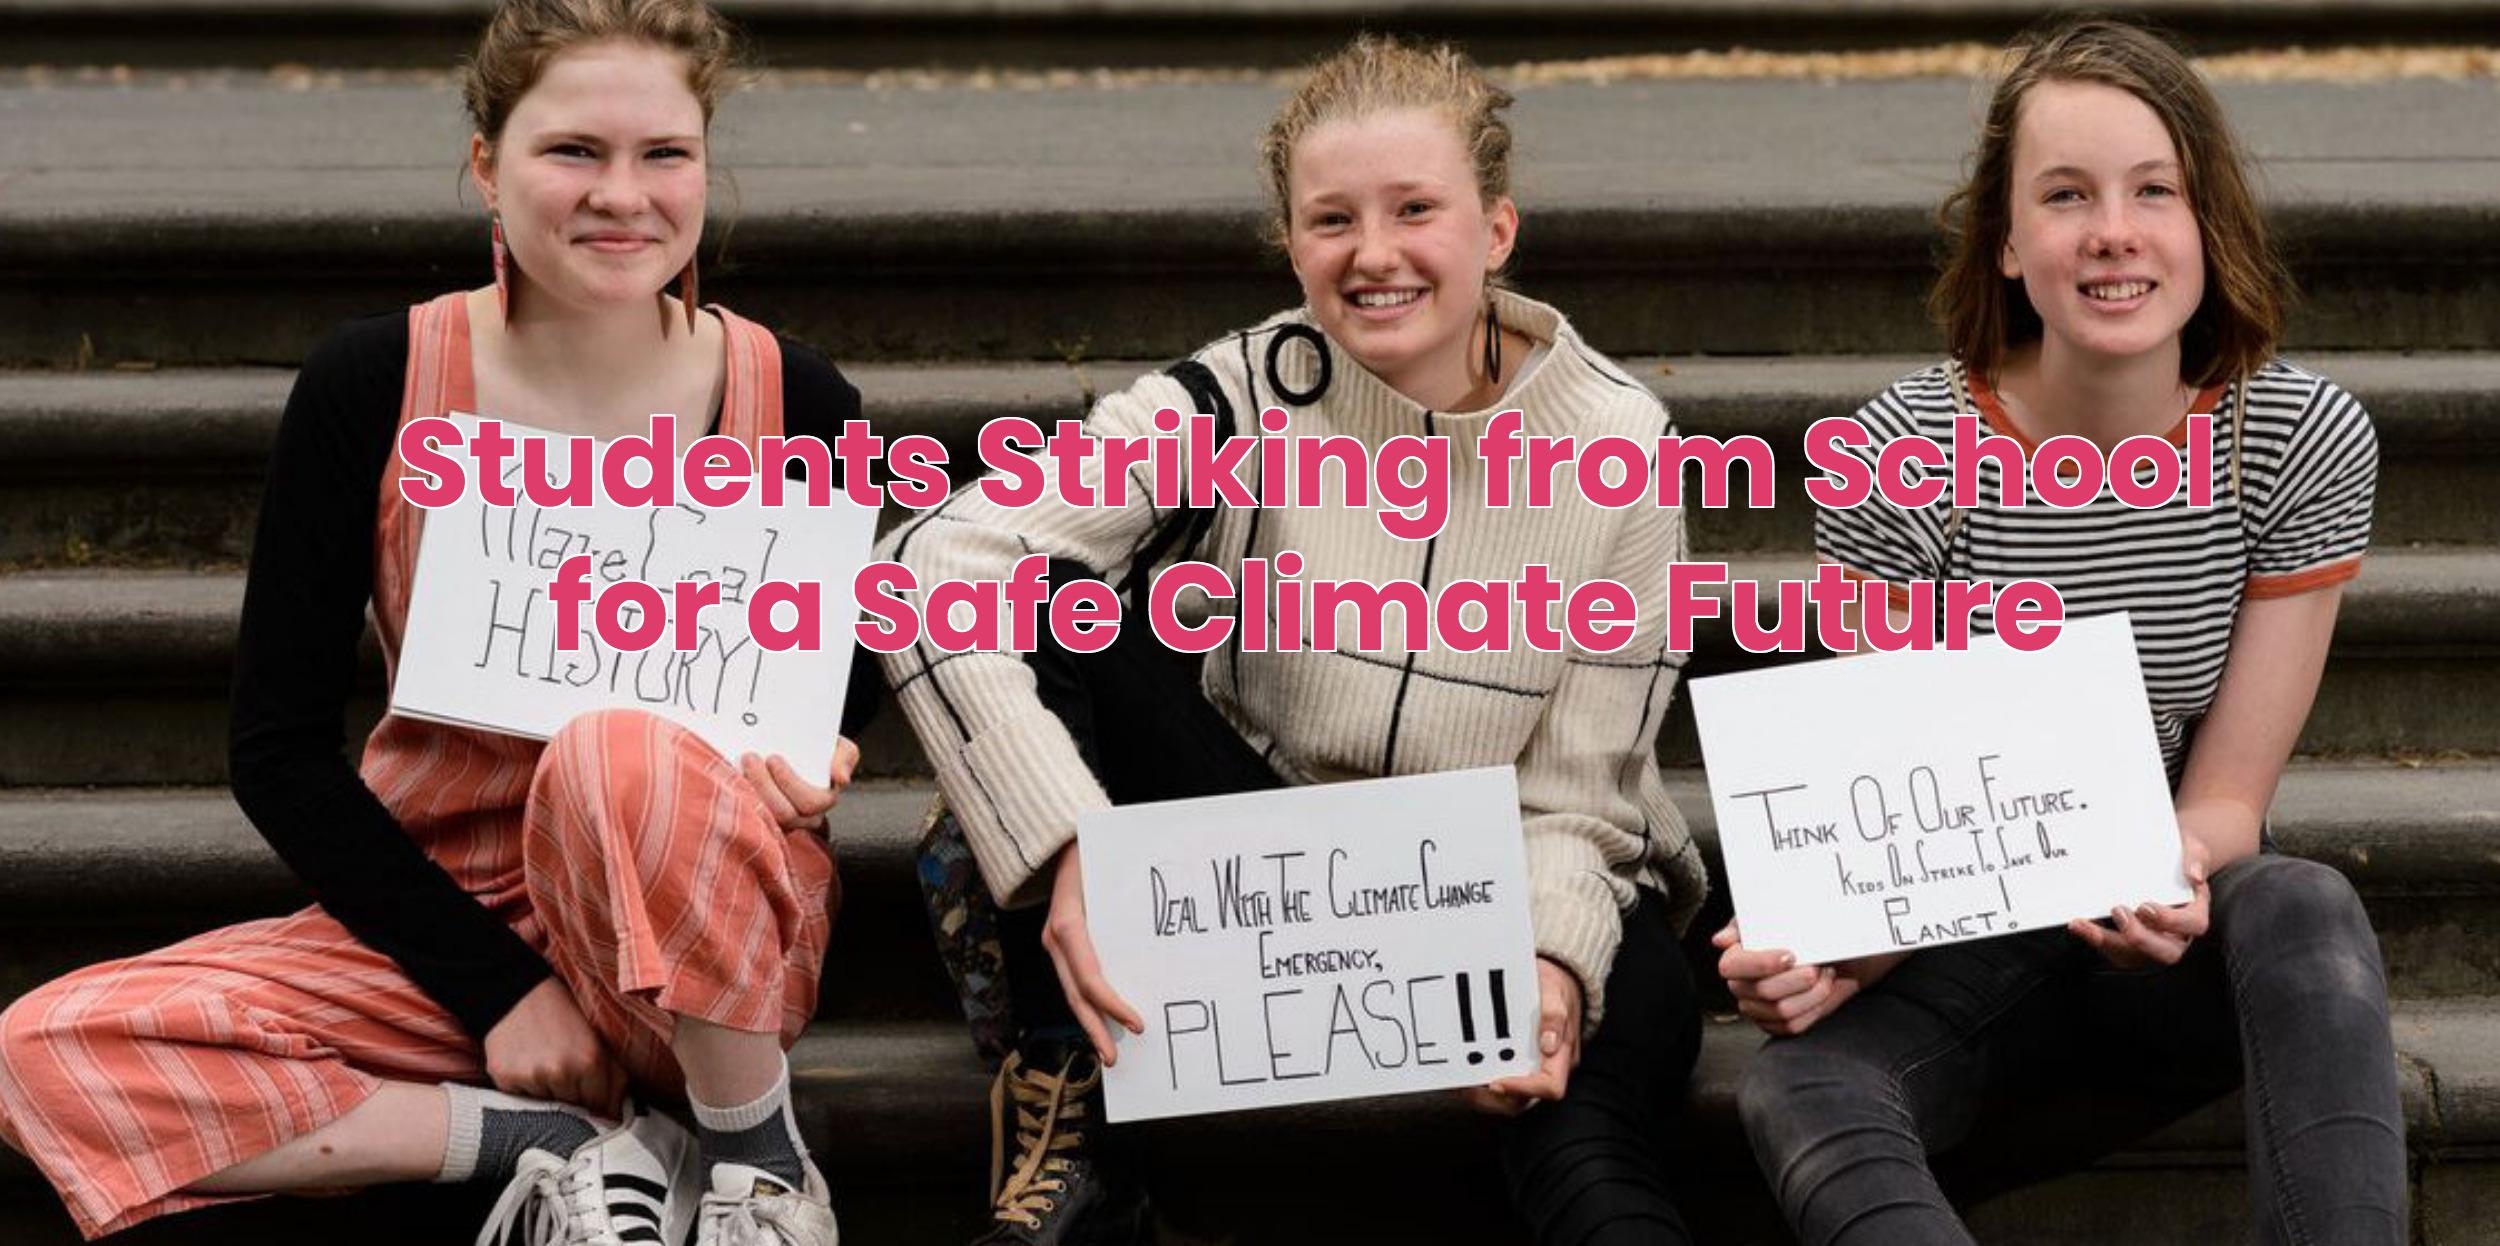 Studenti per il clima: cresce il movimento nel mondo. E si sciopera anche in Italia